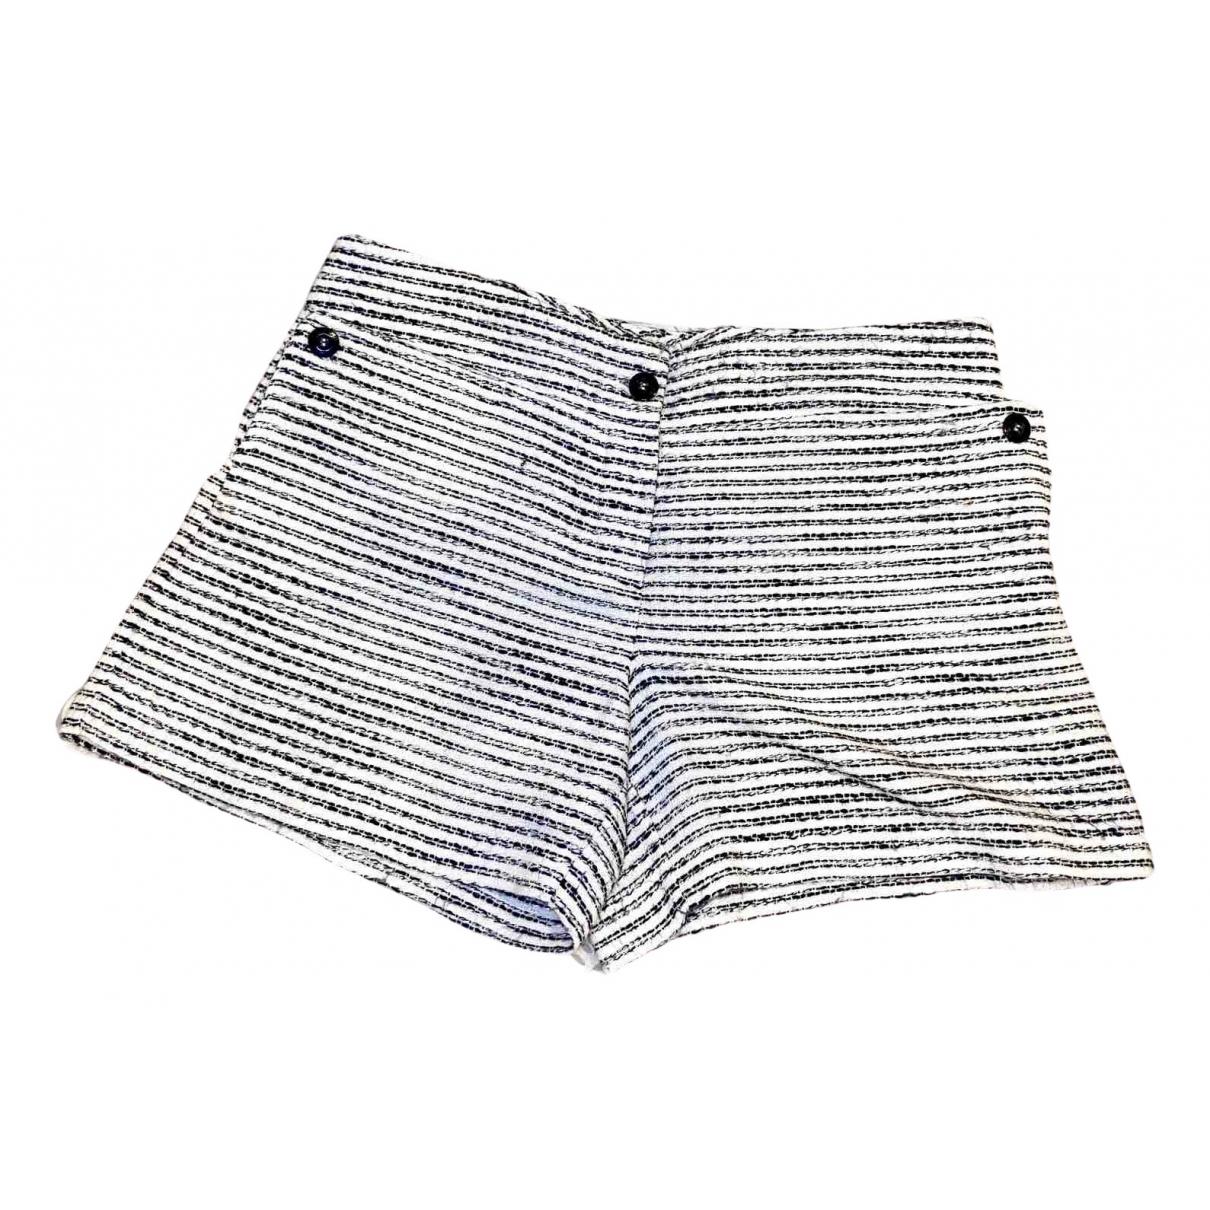 Pantalon corto Adolfo Dominguez